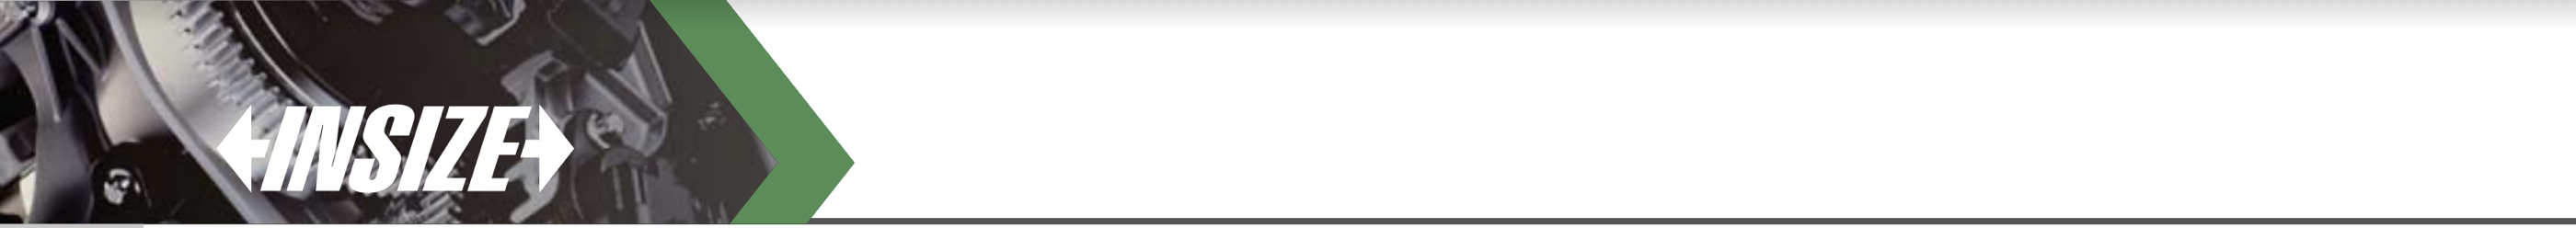 Dụng cụ kiểm tra côn Insize 4157-200